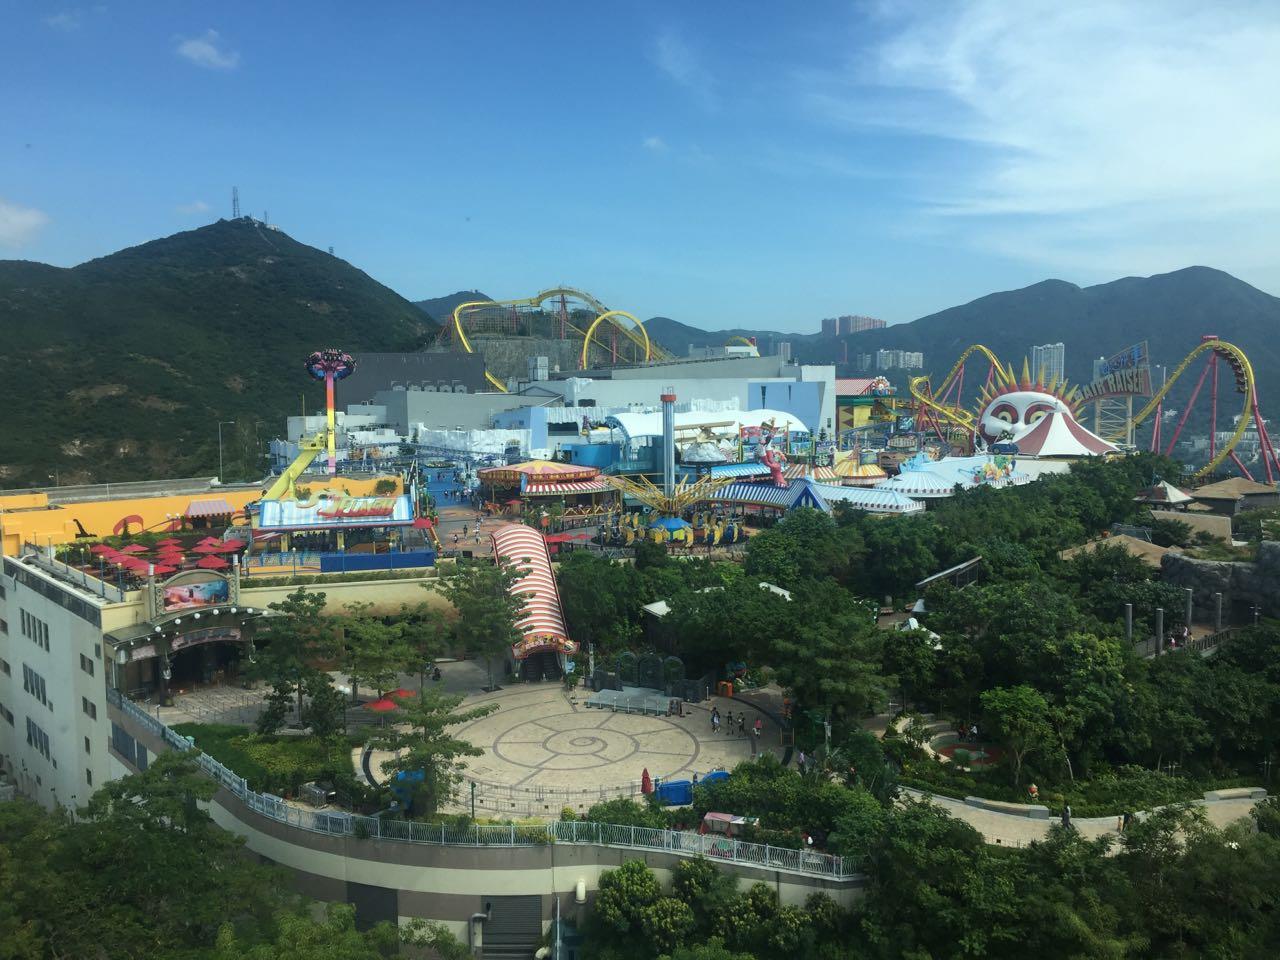 俯视海洋公园的游乐场